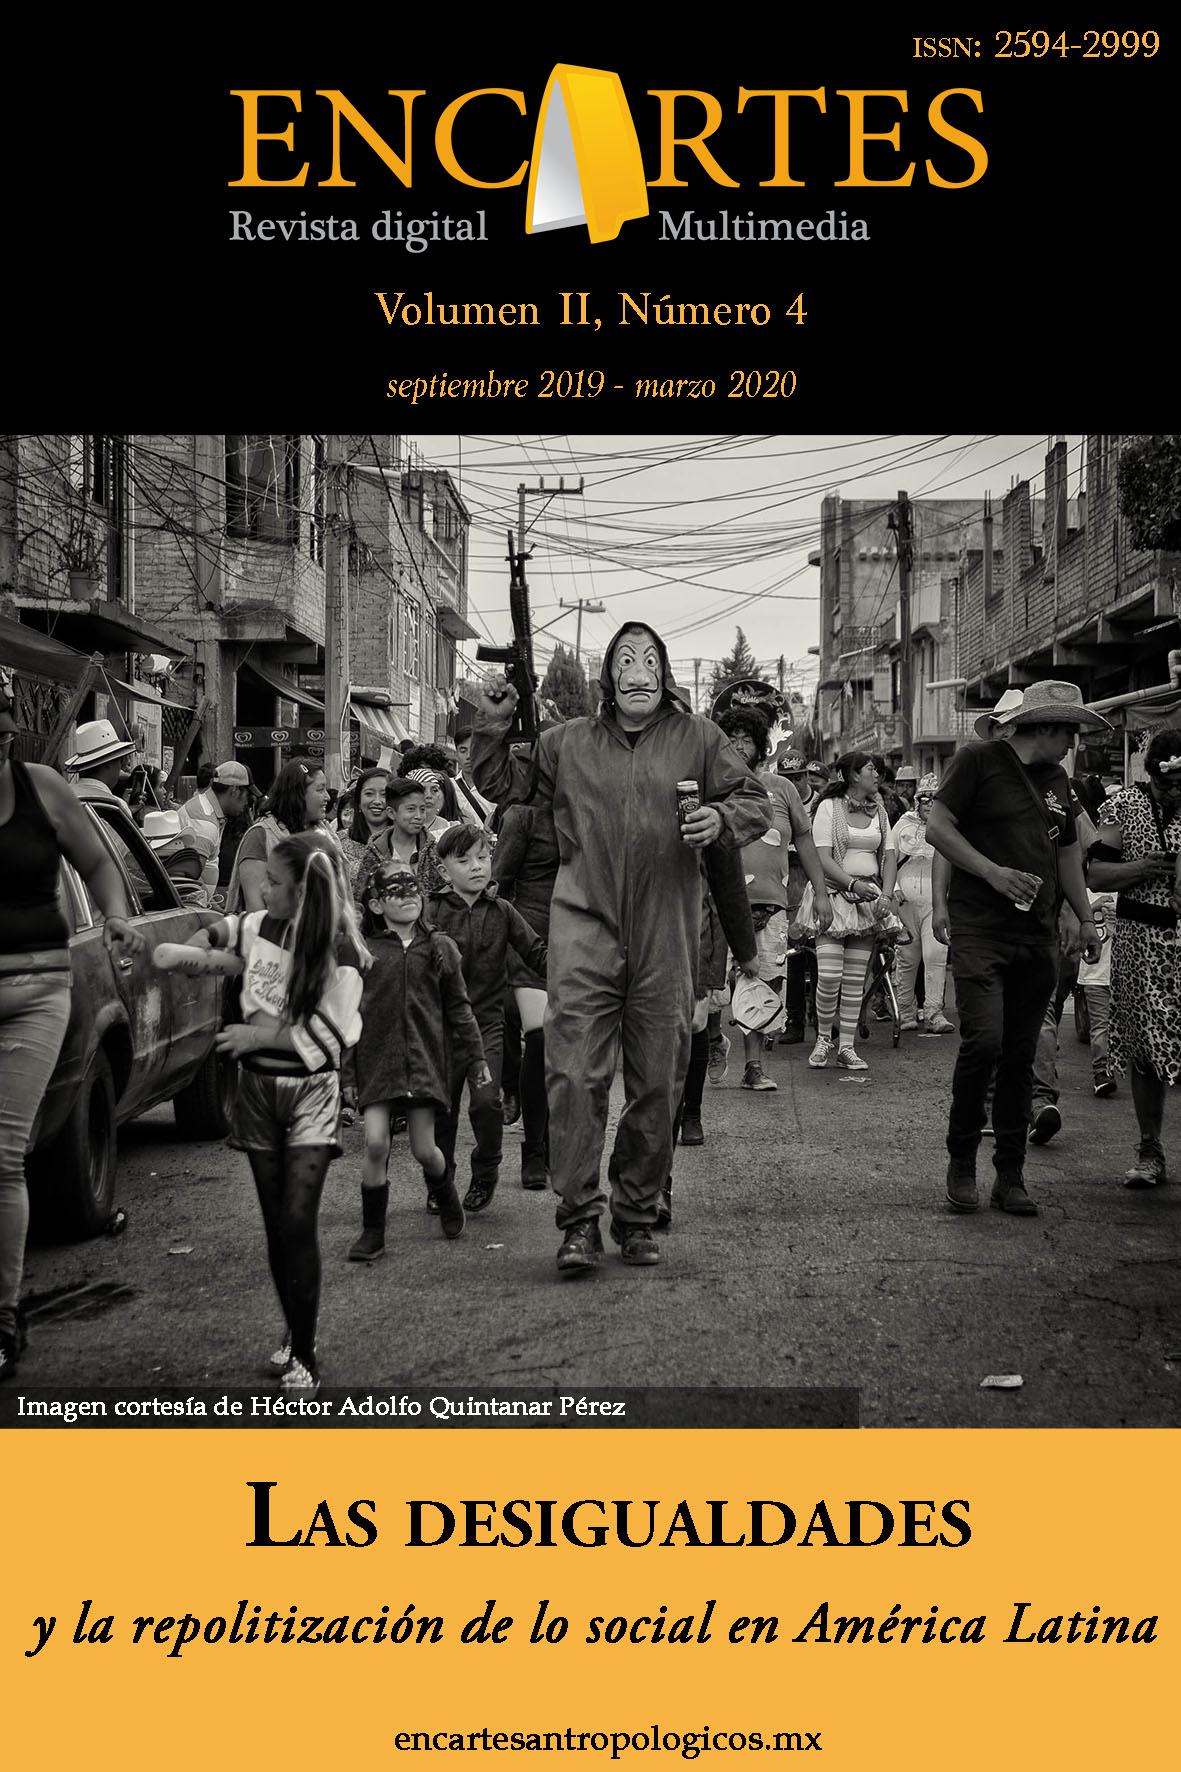 Las desigualdades y la re-politización de lo social en América Latina